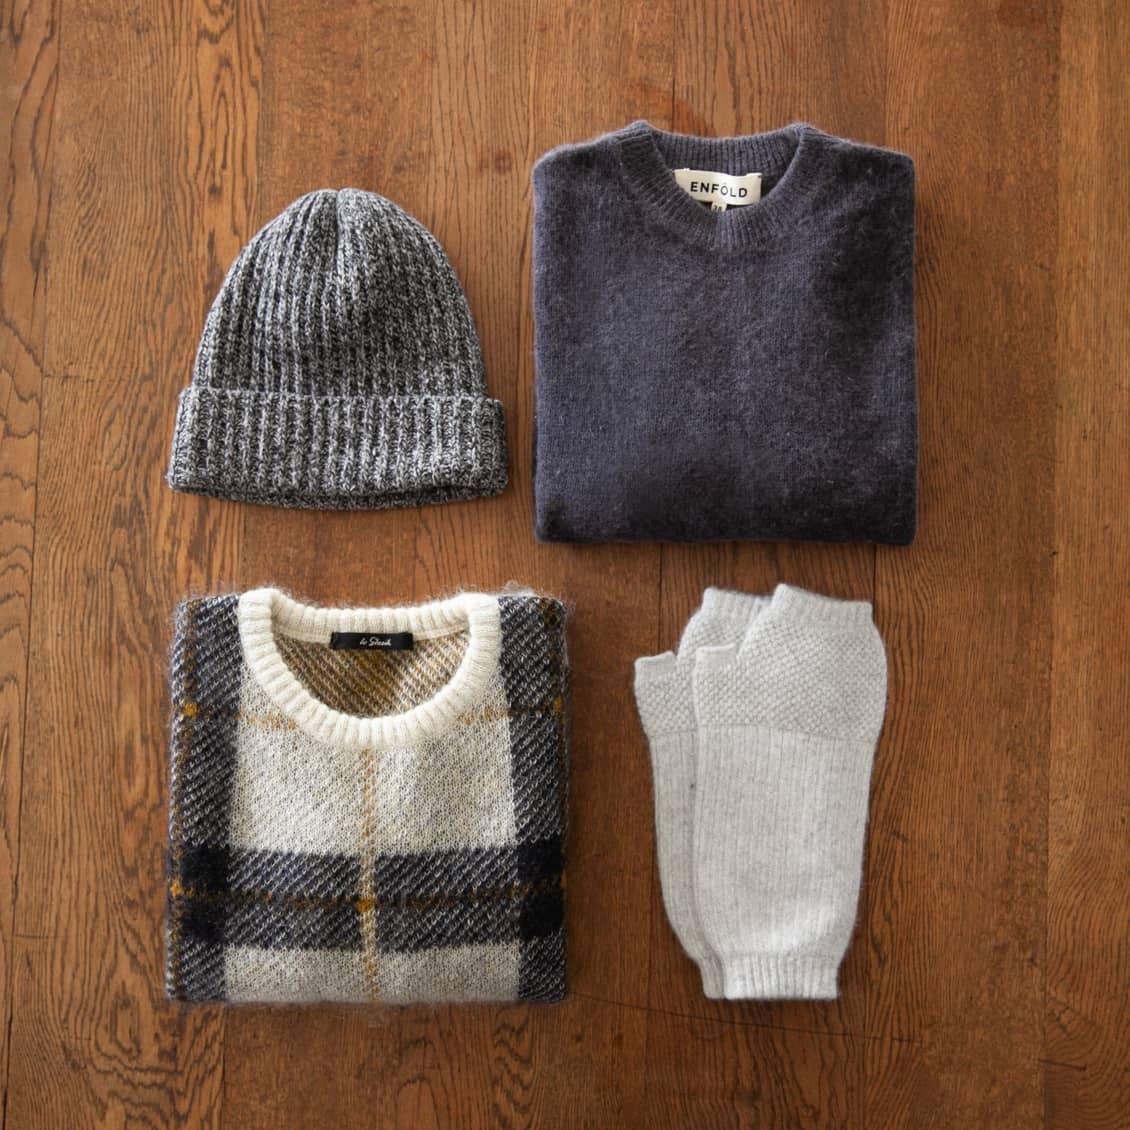 ハンガー セーター セーターやカーディガンが、型崩れしにくいハンガーのおススメはこれ!